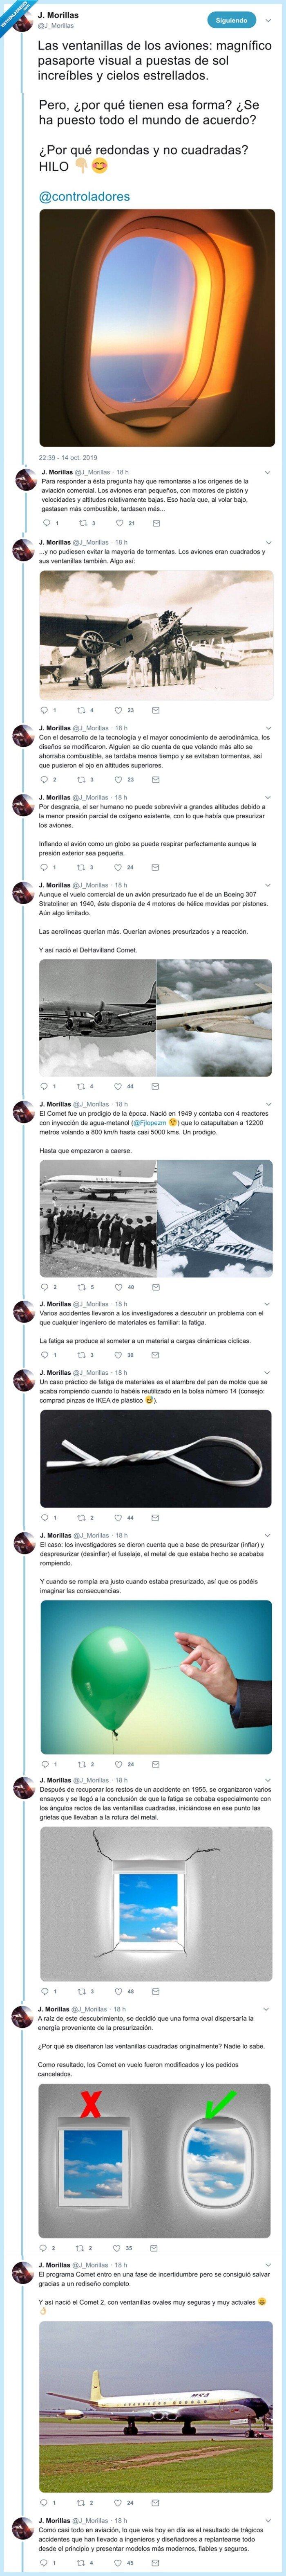 avión,cultura general,explicación,redondo,ventanilla